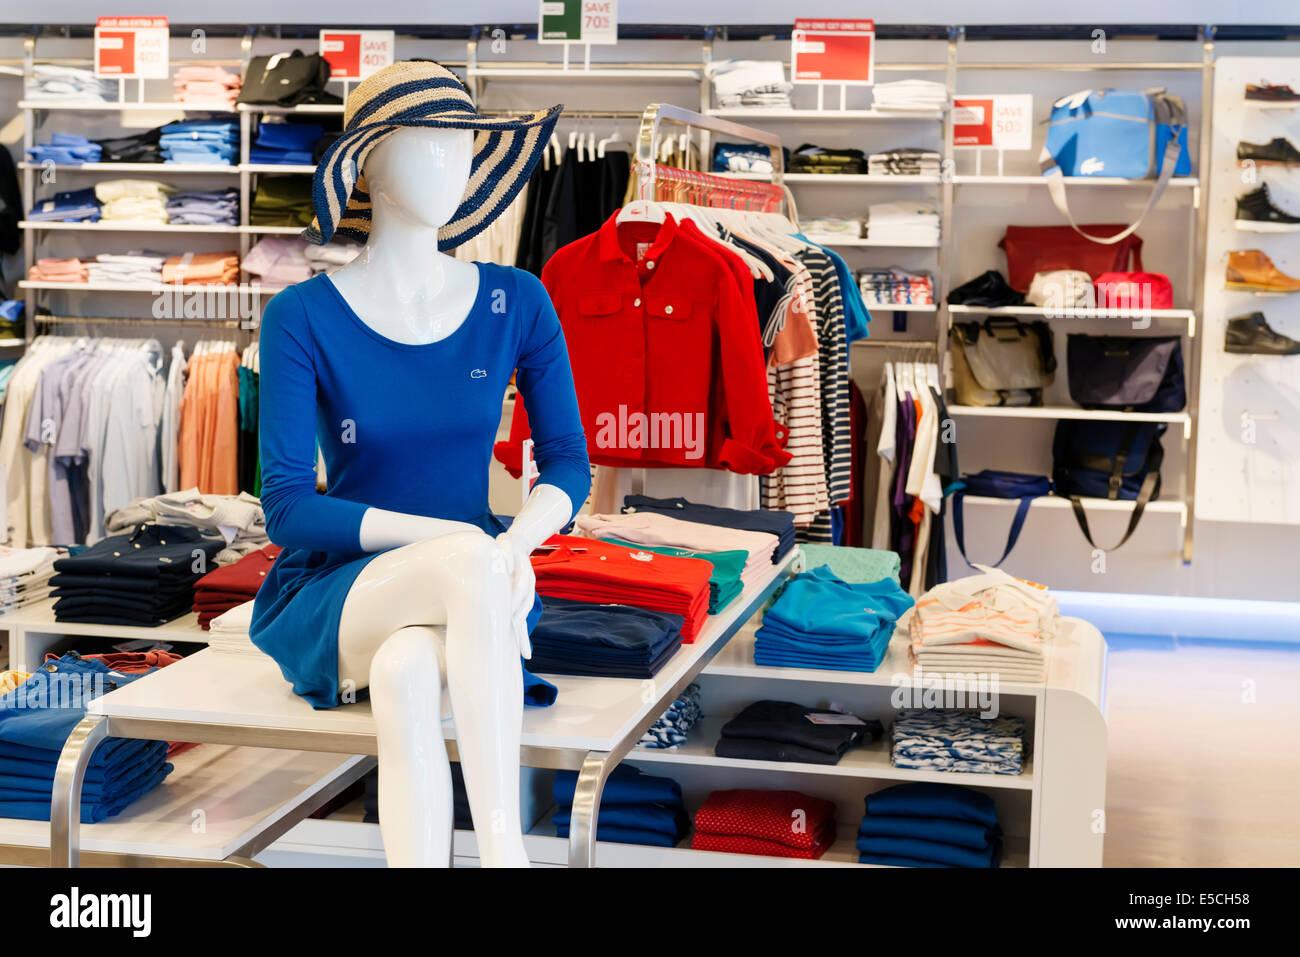 d118b15a3697a Maniqui en Lacoste moda tienda de ropa en Ontario